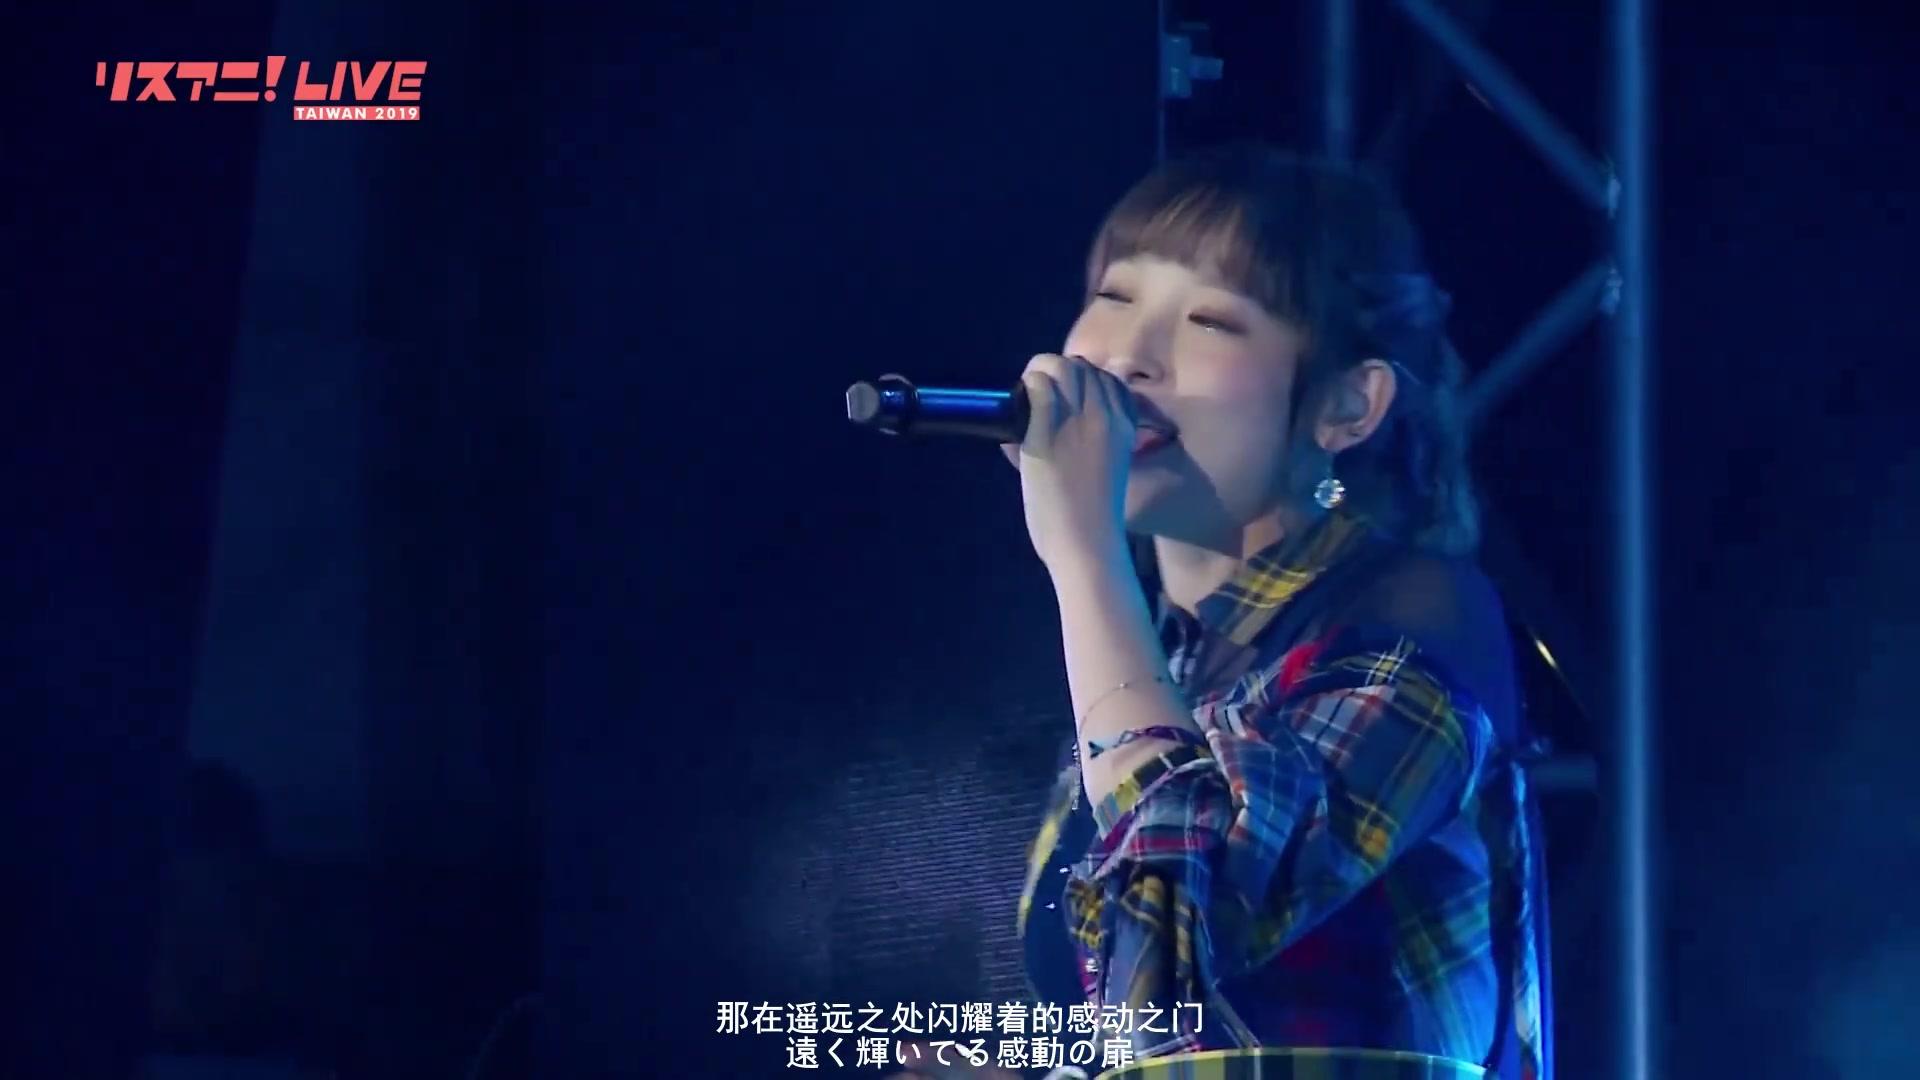 中字 南条爱乃部分 Lis Ani Live台湾2019 Jolfamily 电影 52movs Com